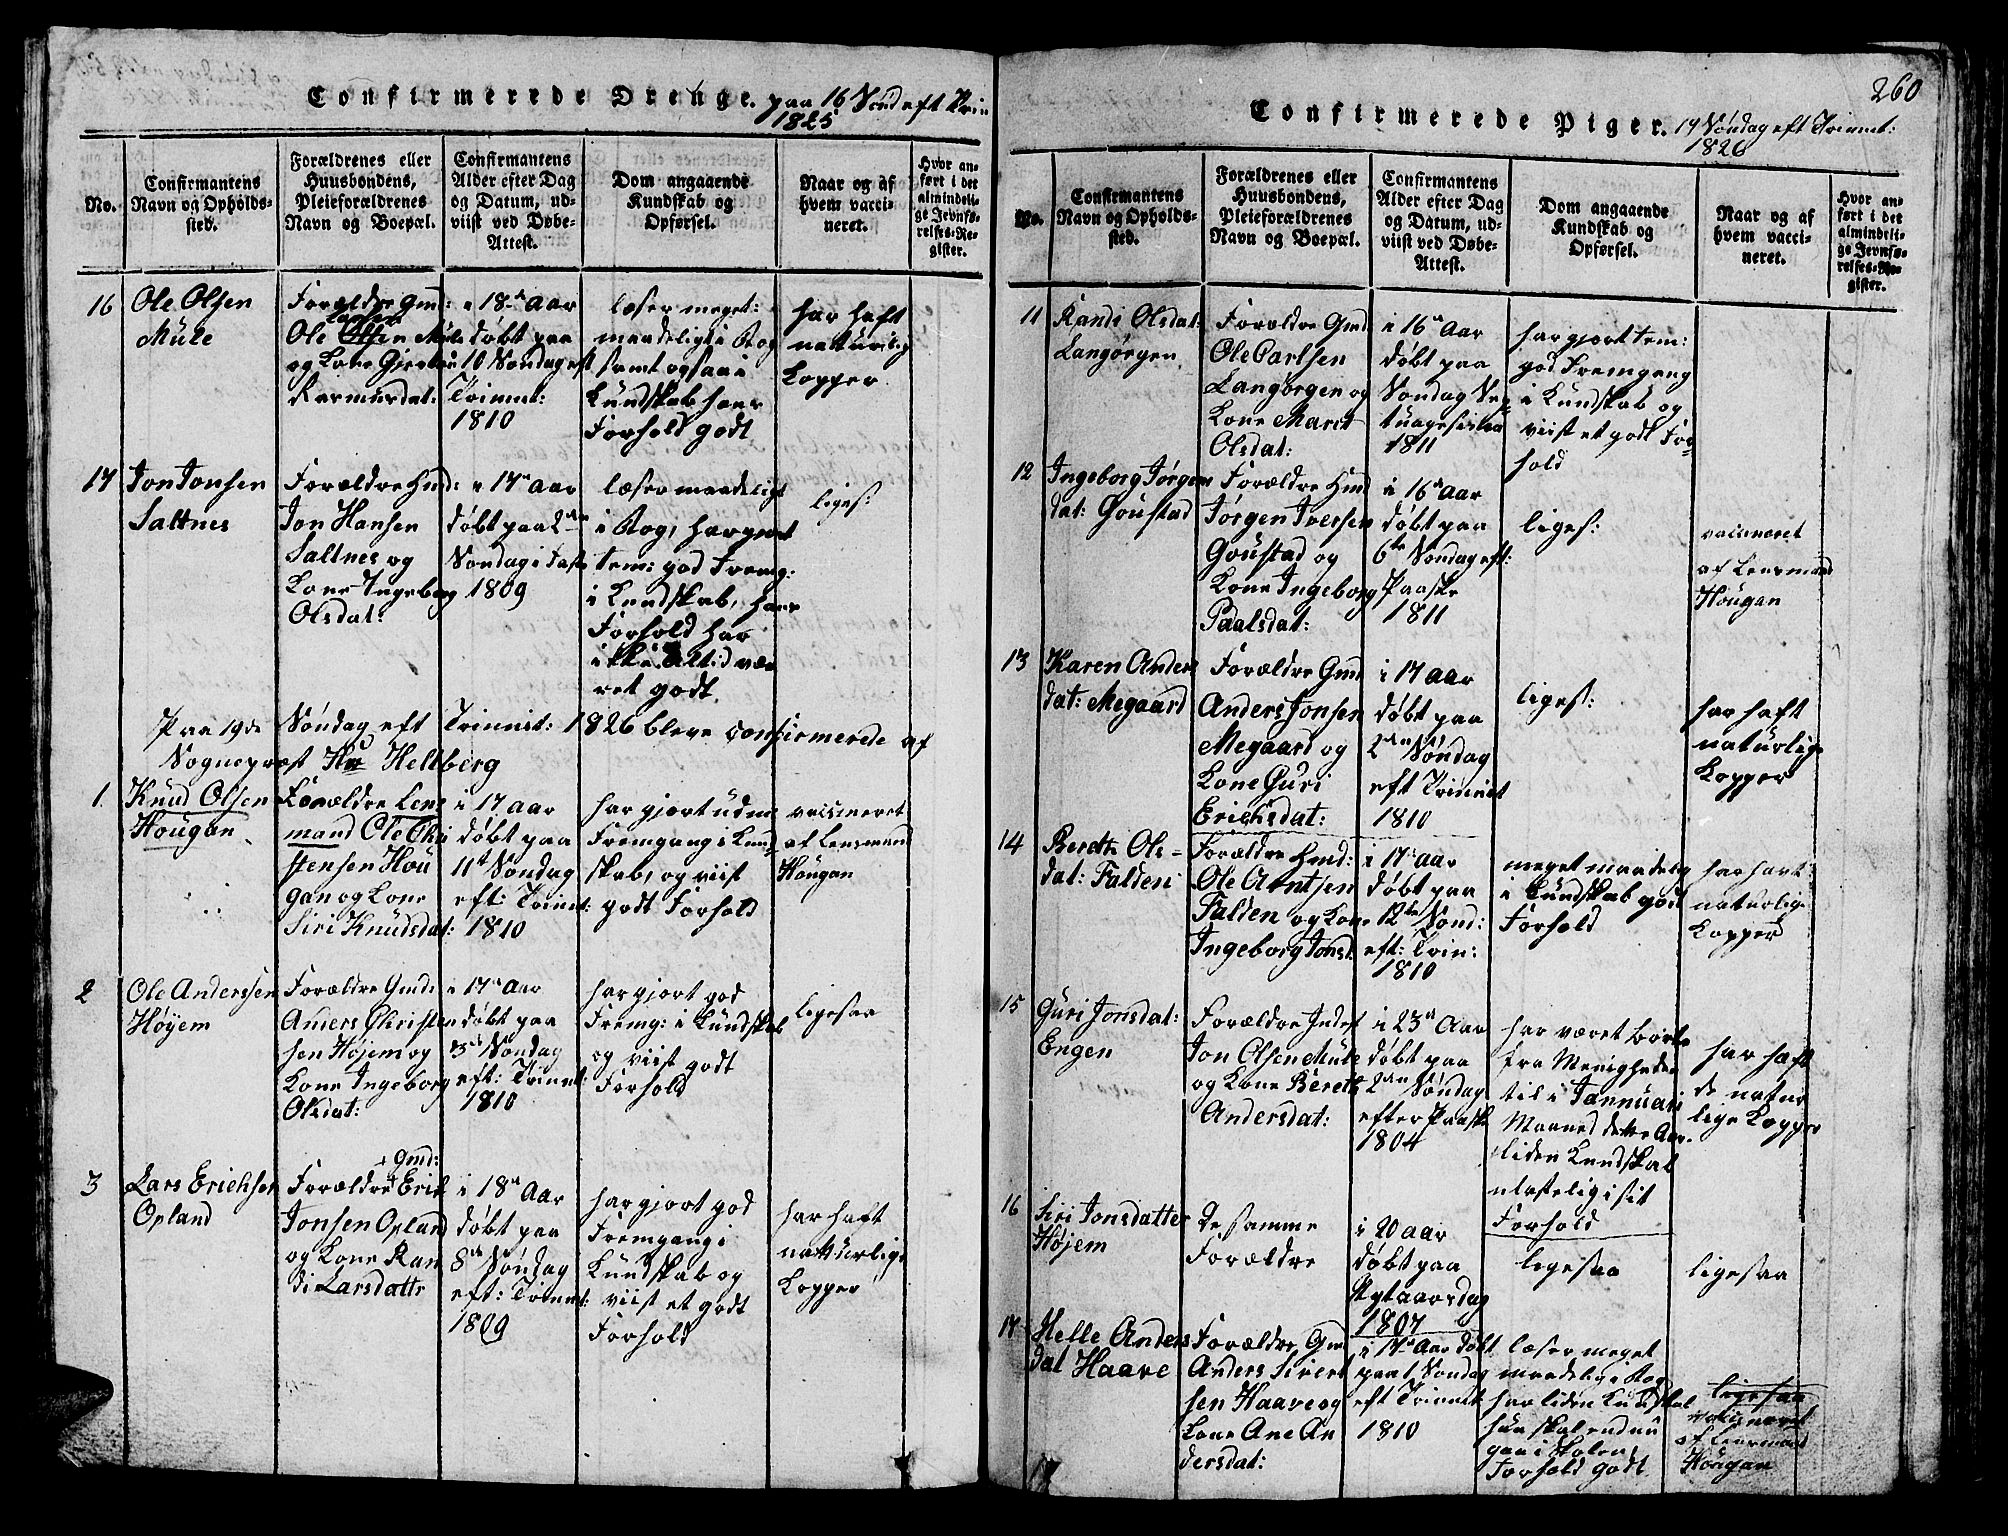 SAT, Ministerialprotokoller, klokkerbøker og fødselsregistre - Sør-Trøndelag, 612/L0385: Klokkerbok nr. 612C01, 1816-1845, s. 260